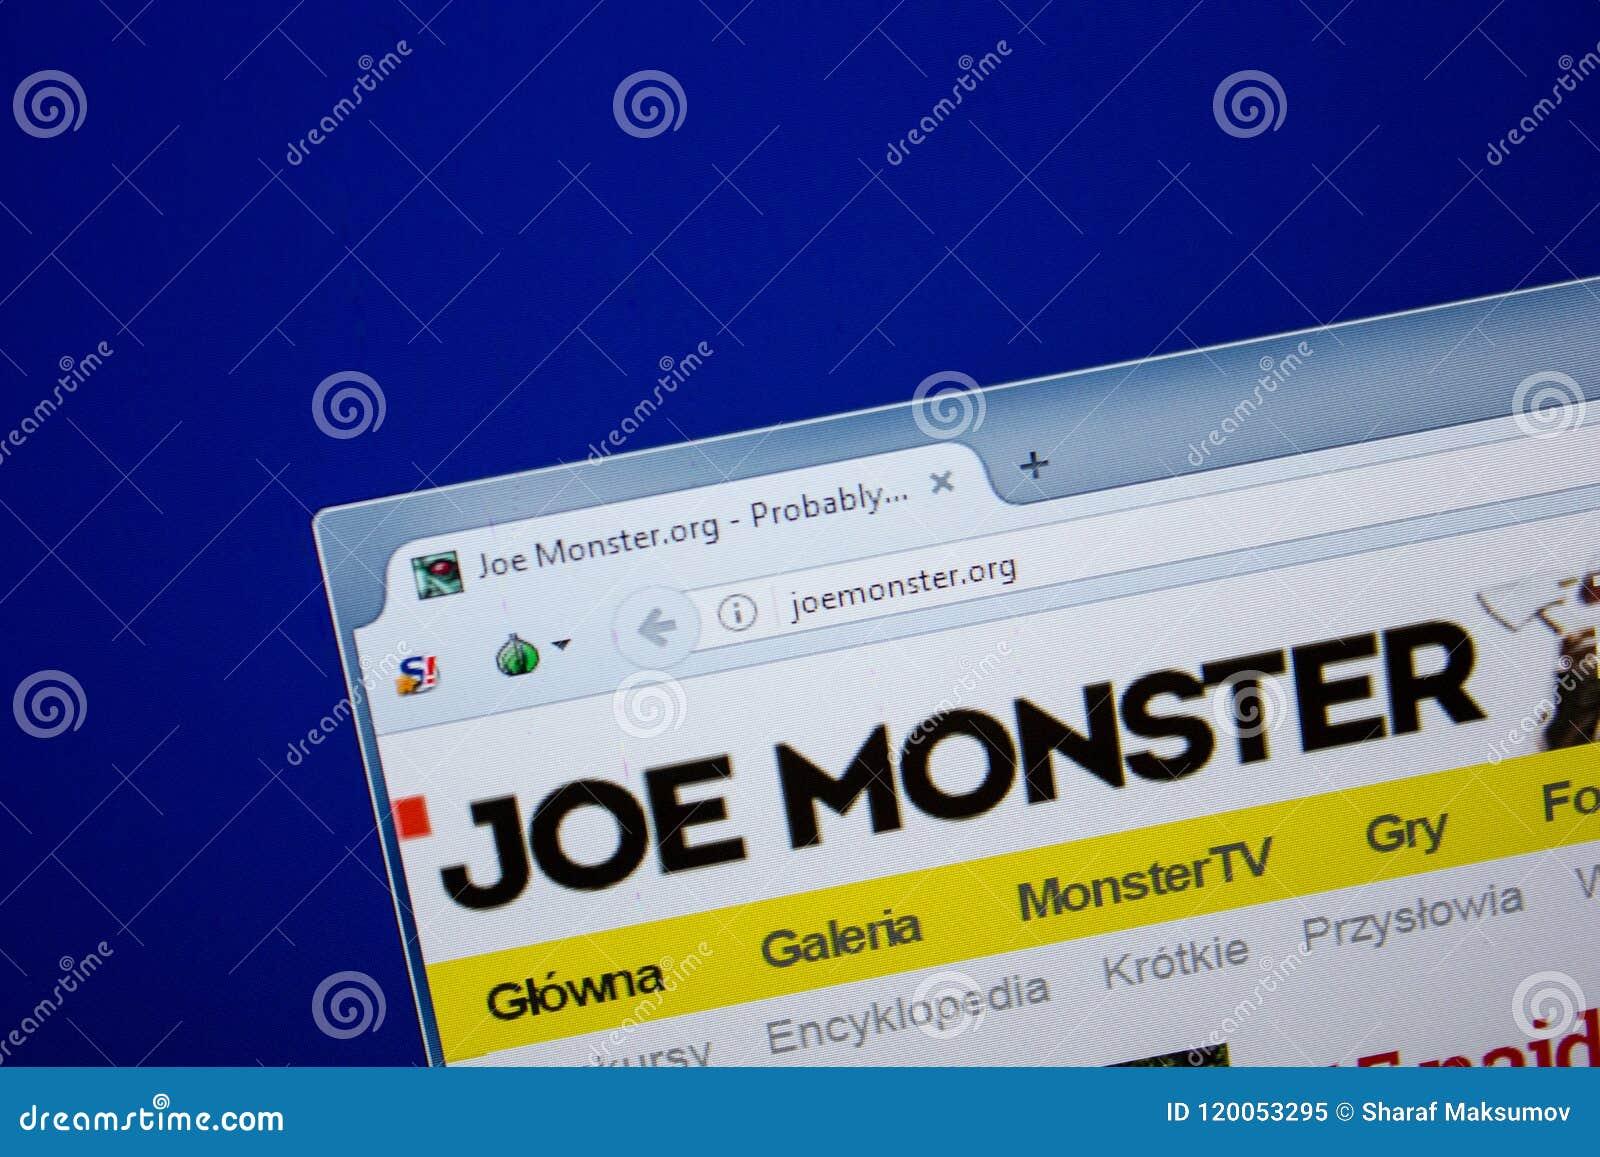 Riazan, Russie - 26 juin 2018 : Page d accueil de site Web de JoeMonster sur l affichage du PC URL - JoeMonster org